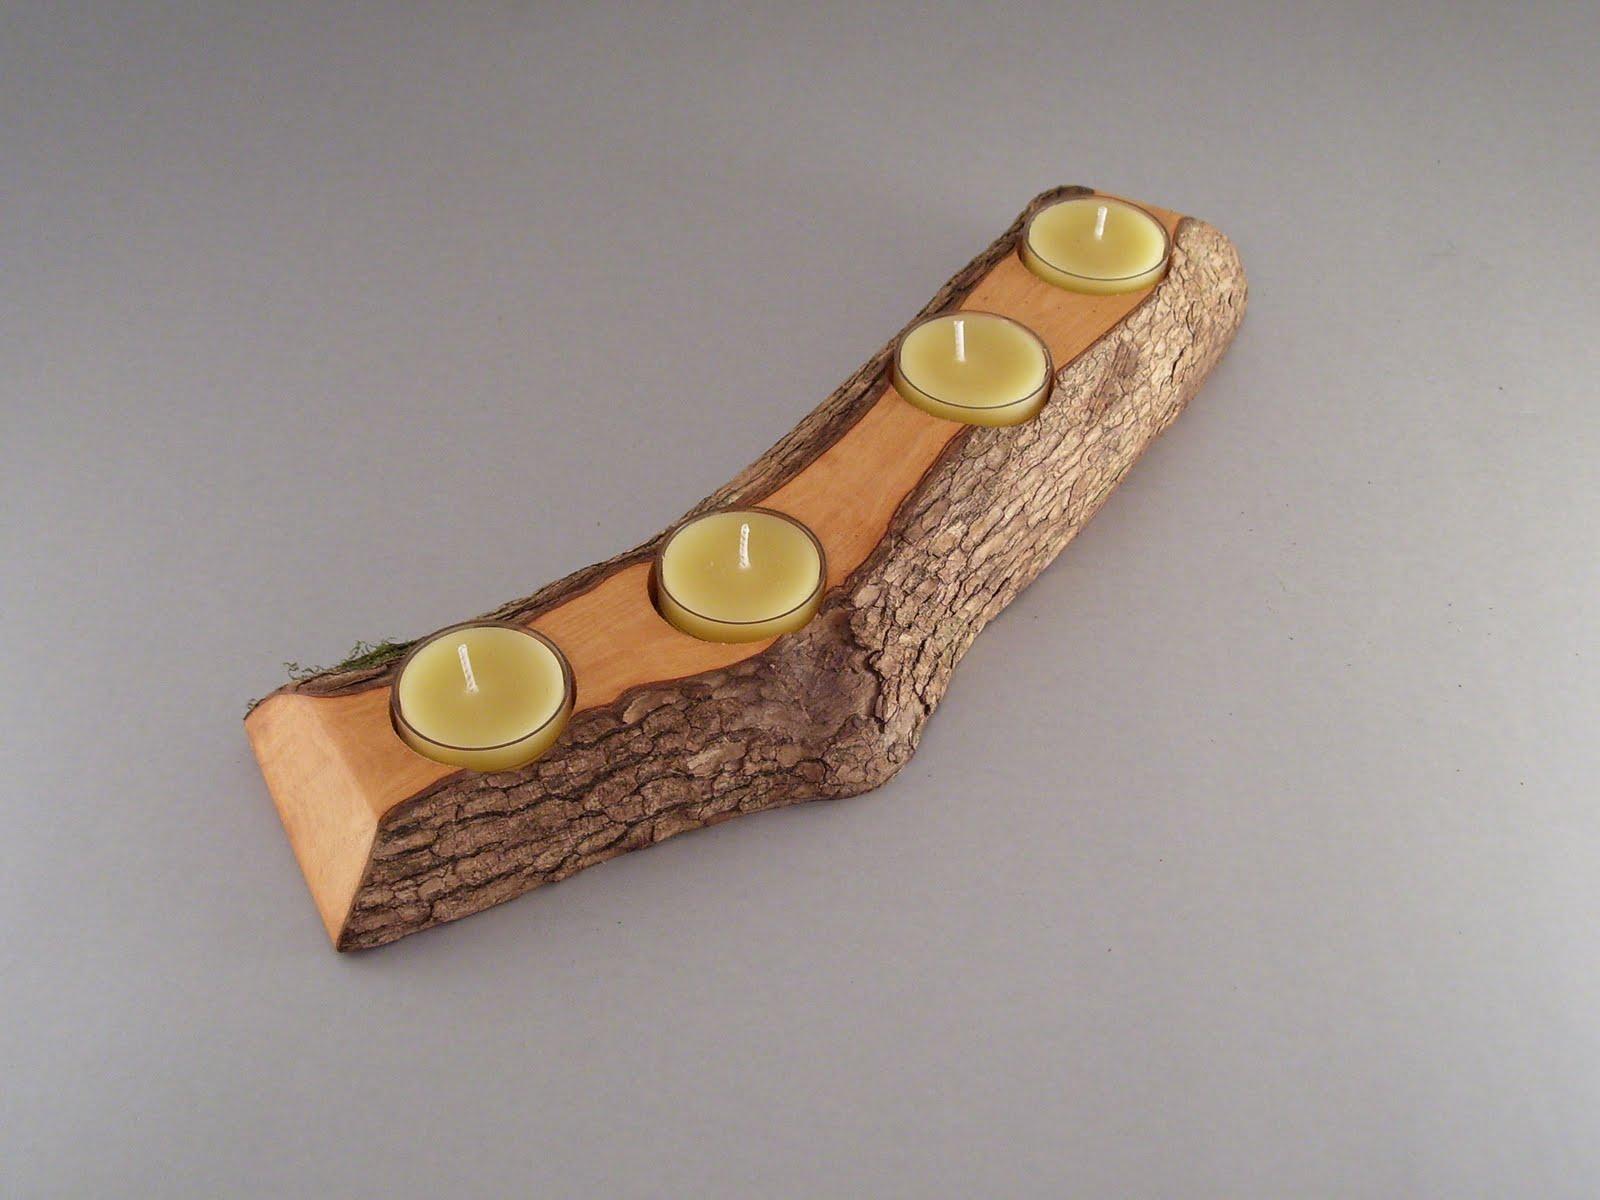 Bydan Woodworks Split Log Candle Holder Collection